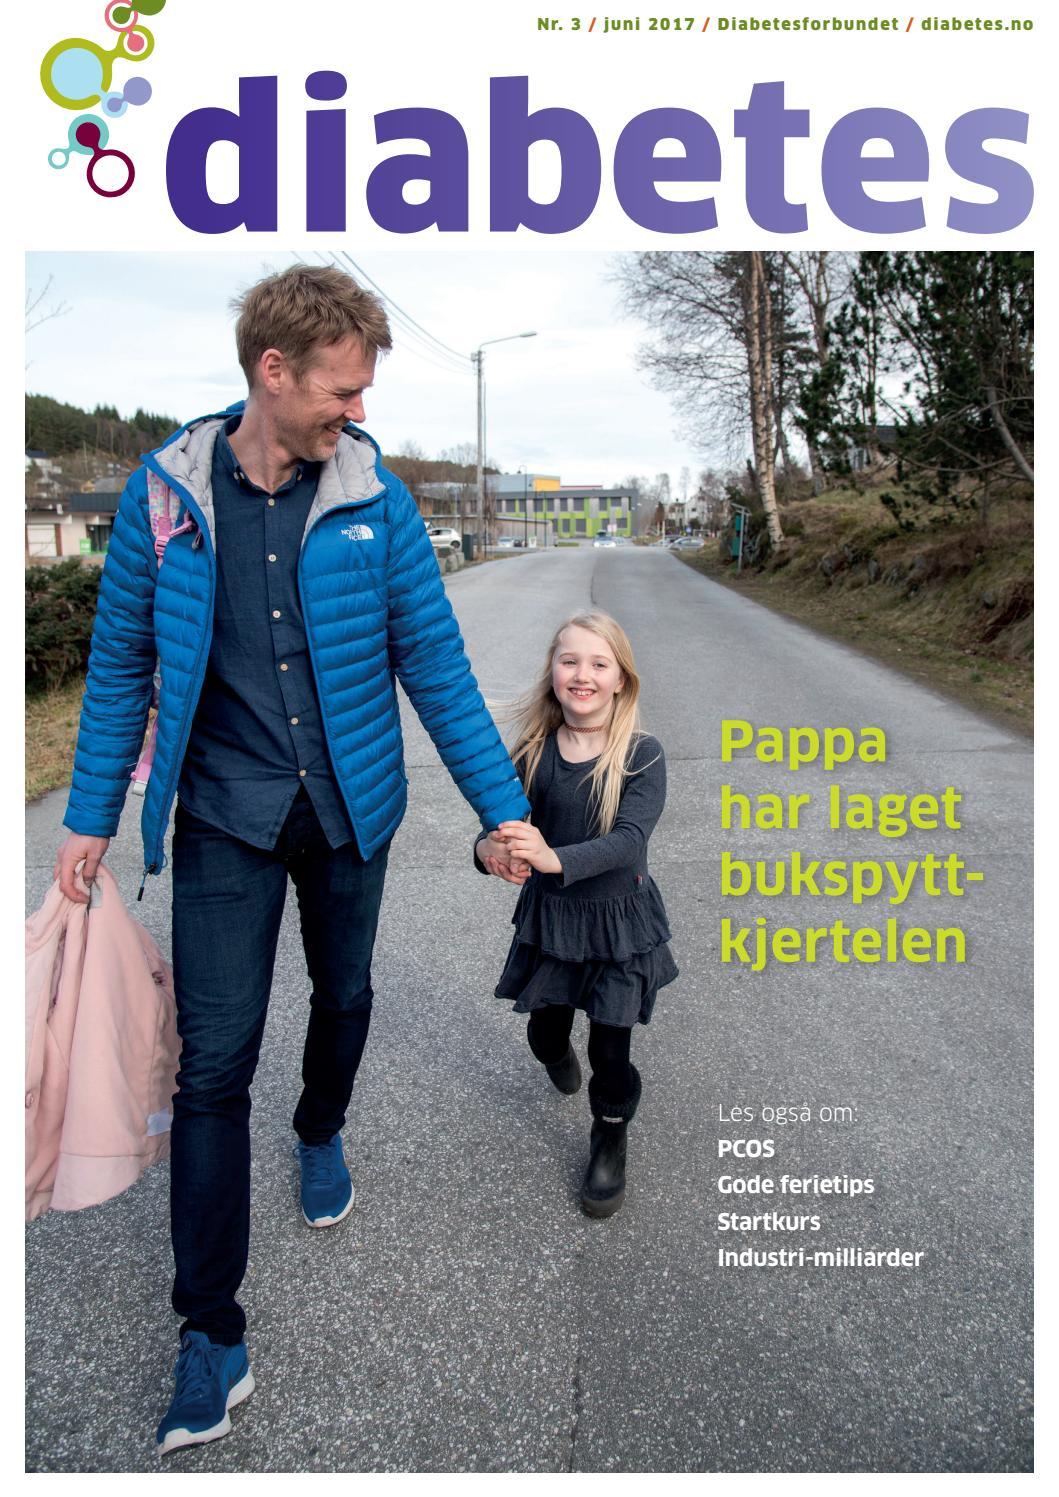 frekke fitte søker uforpliktende dating i ringsaker enslig dame i finnmark ønsker å knulle gift mann